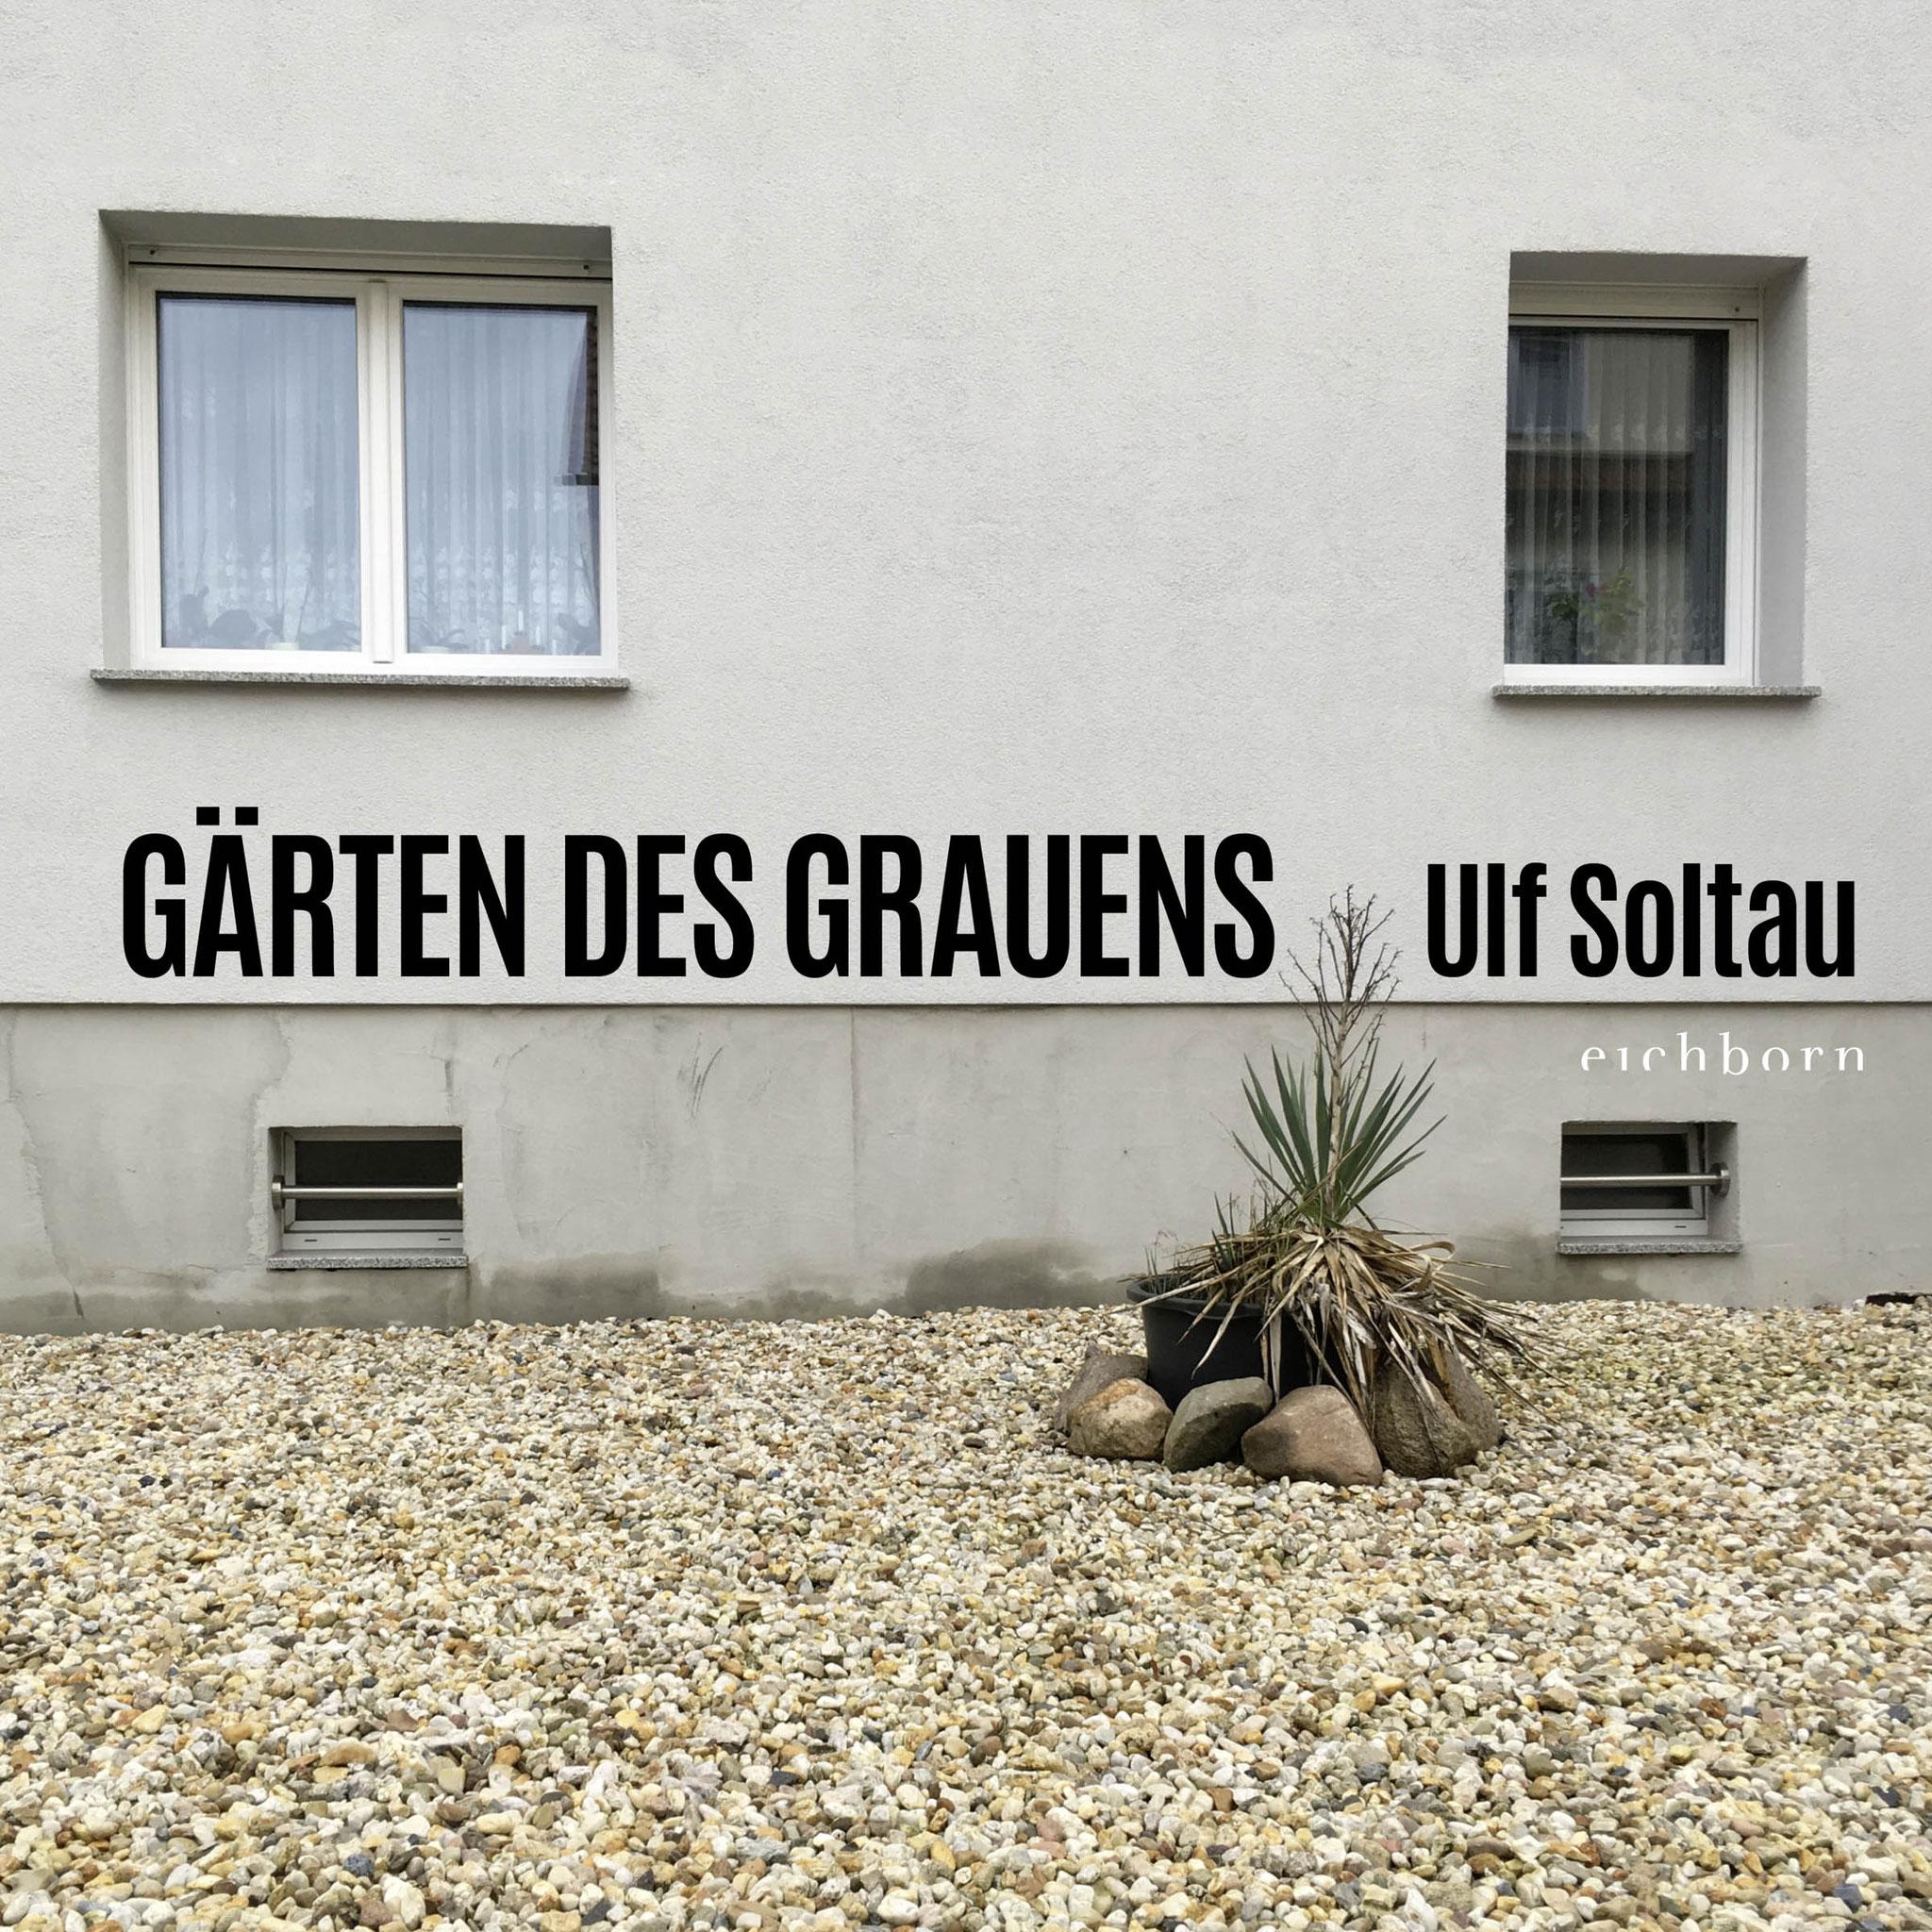 """""""Gärten des Grauens"""" als Buch (Titelseite), Band 1, von Ulf Soltau"""